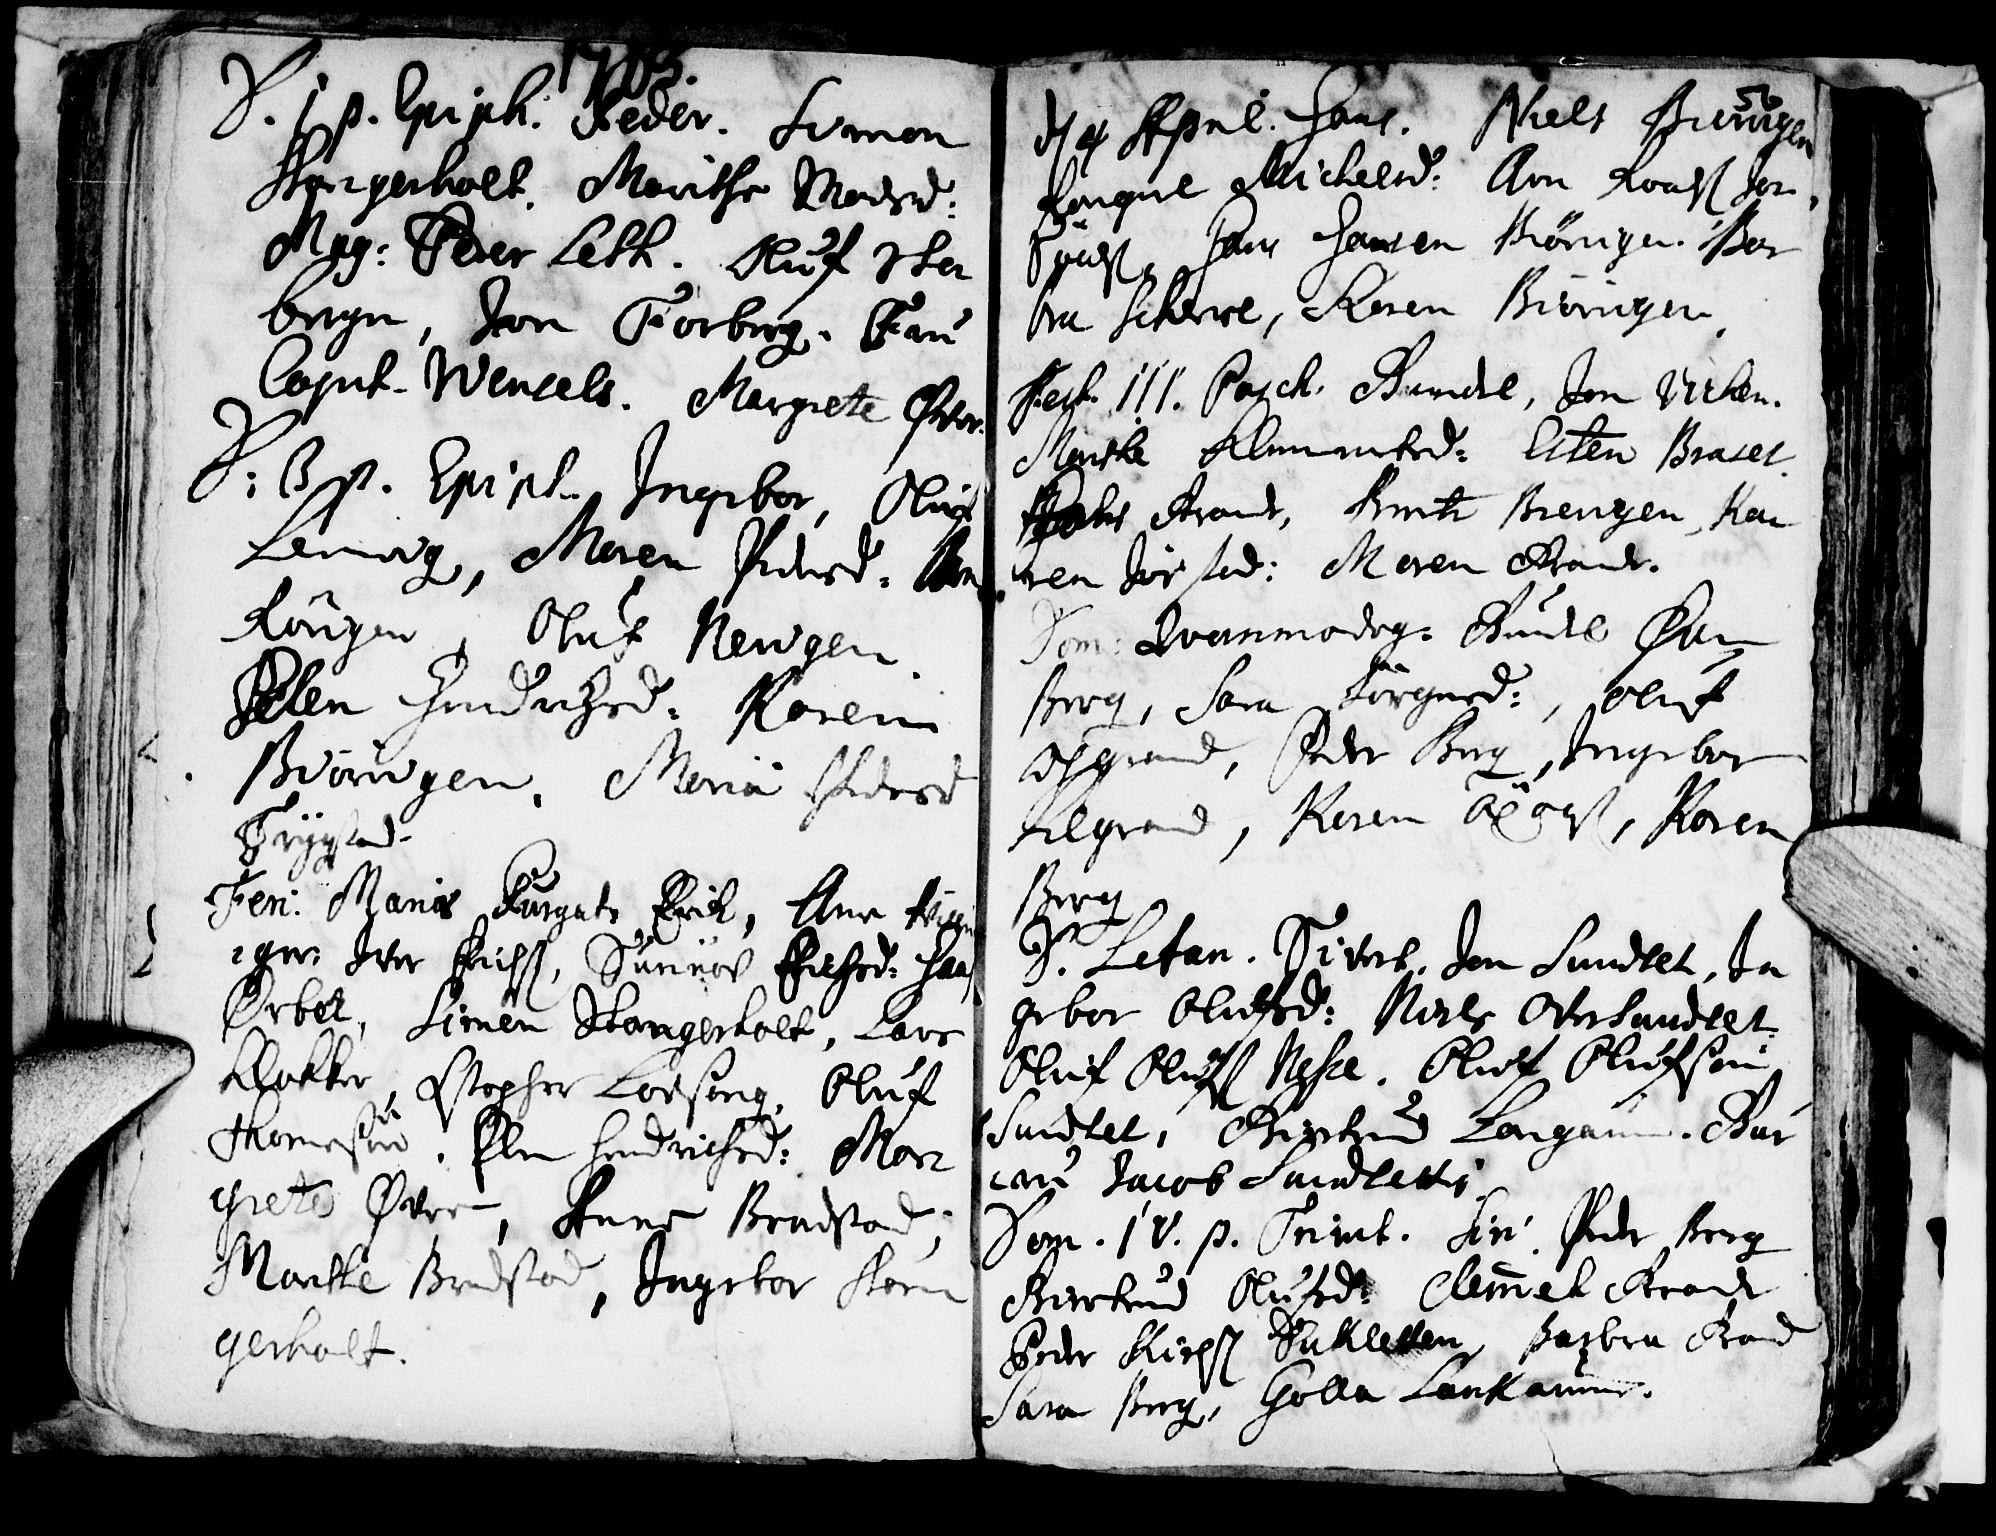 SAT, Ministerialprotokoller, klokkerbøker og fødselsregistre - Nord-Trøndelag, 722/L0214: Ministerialbok nr. 722A01, 1692-1718, s. 56